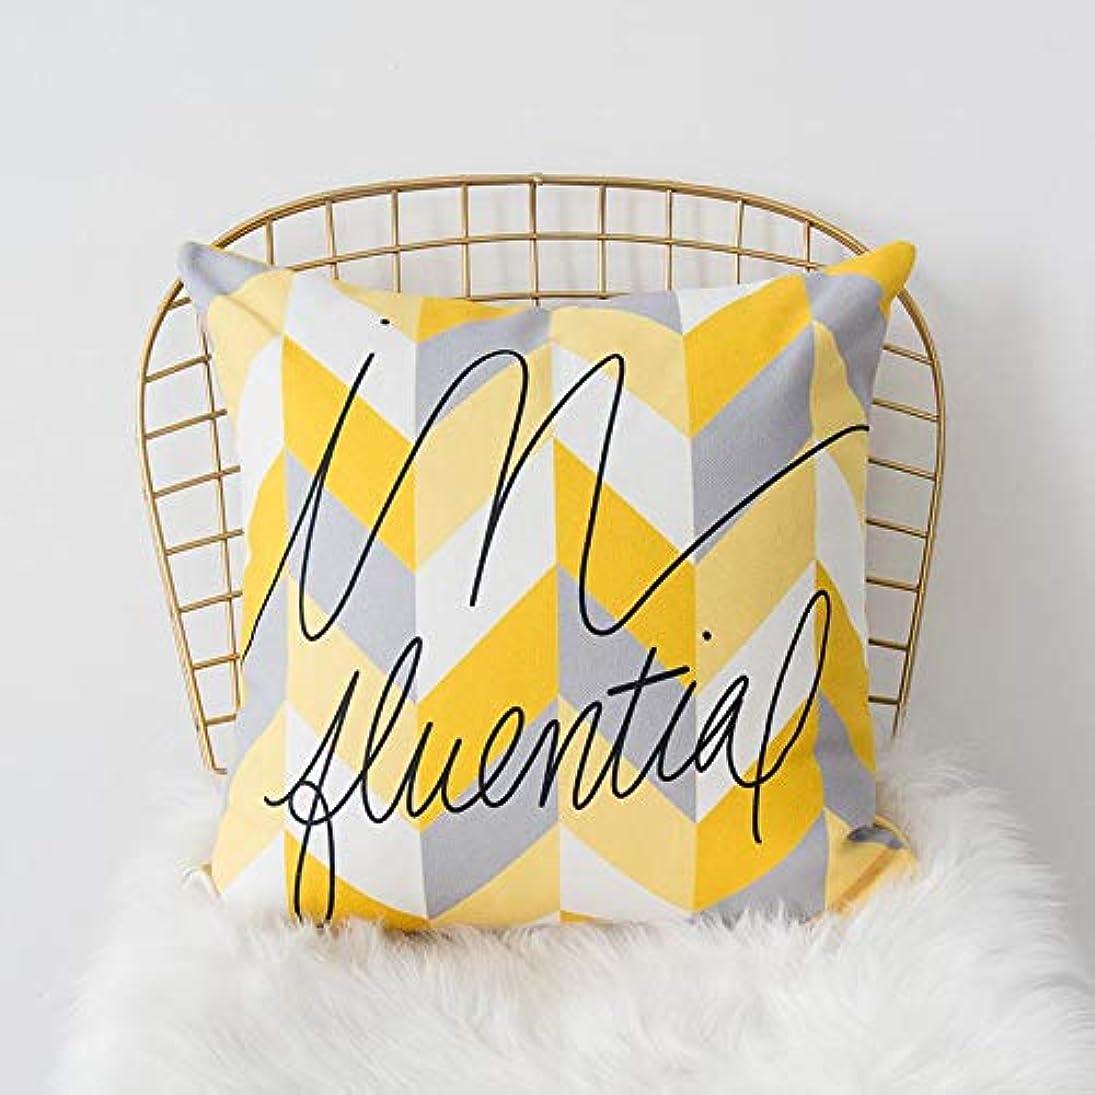 ポーズ賃金気味の悪いSMART 黄色グレー枕北欧スタイル黄色ヘラジカ幾何枕リビングルームのインテリアソファクッション Cojines 装飾良質 クッション 椅子